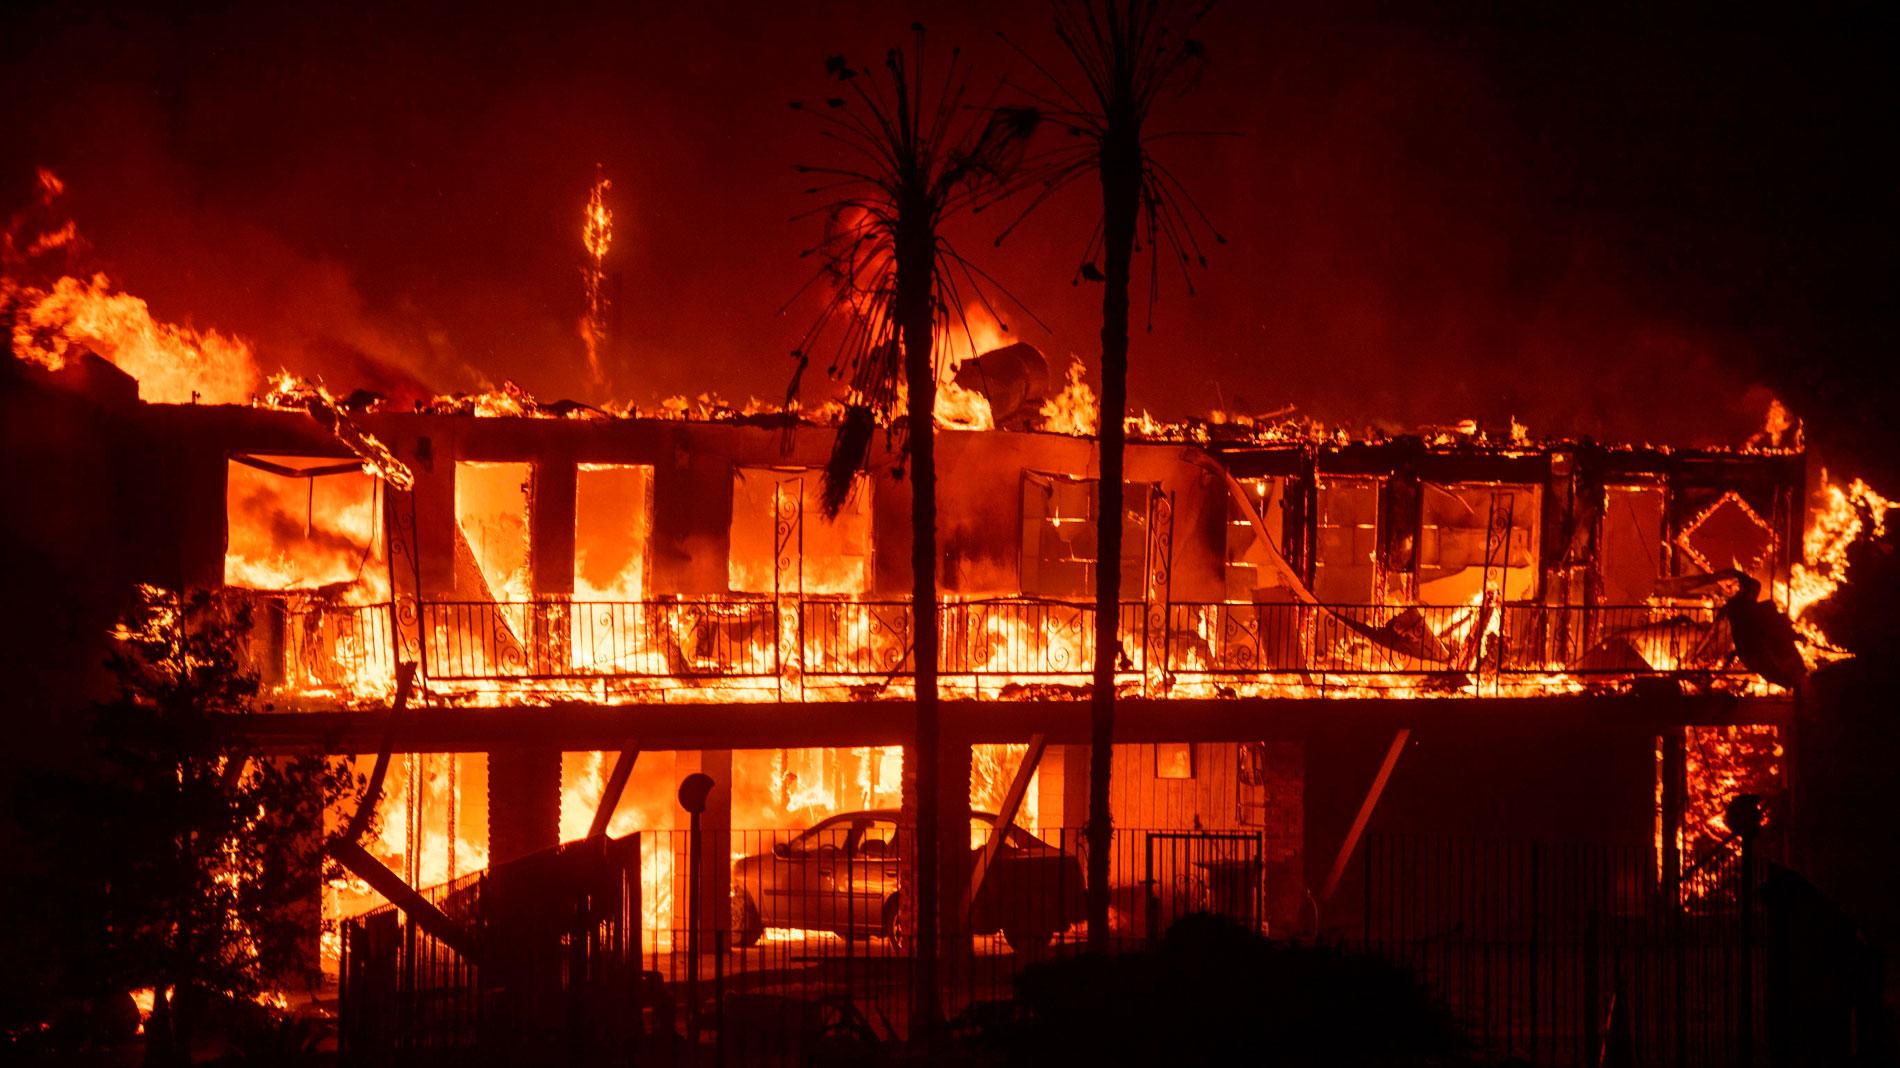 Un incendio sin control en el norte de California calcina una ciudad entera